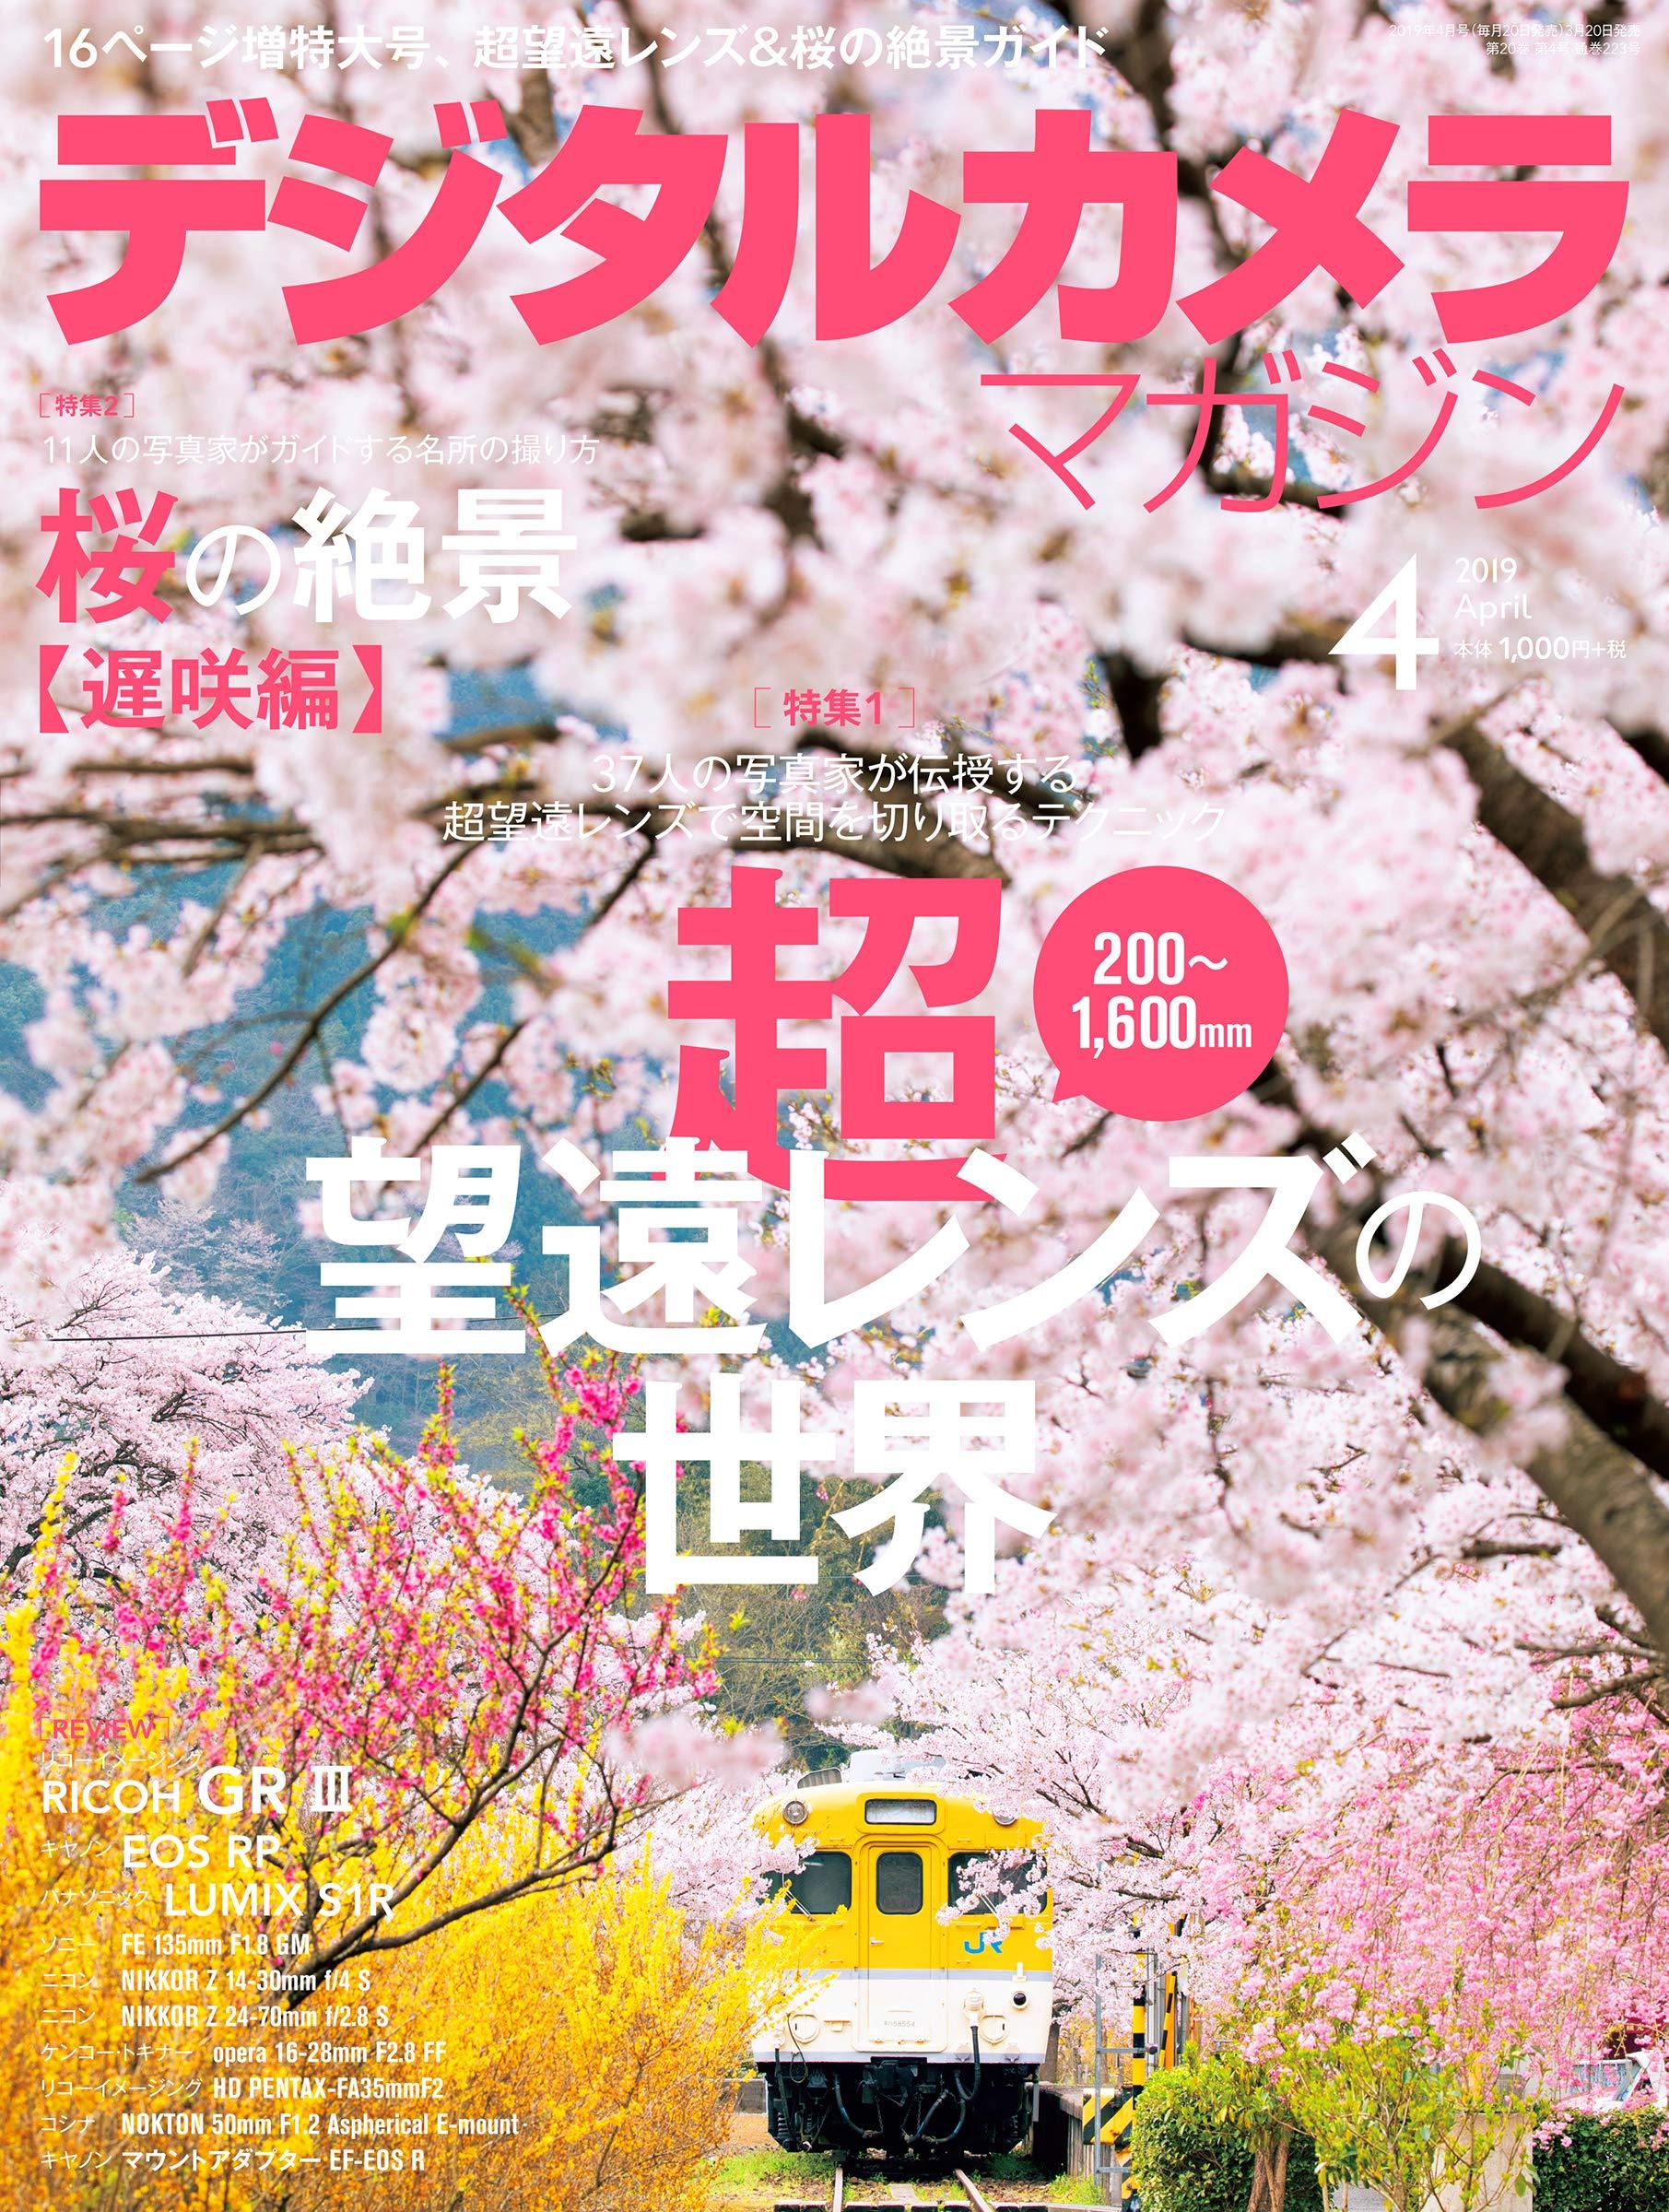 デジタルカメラマガジン2019年4月号